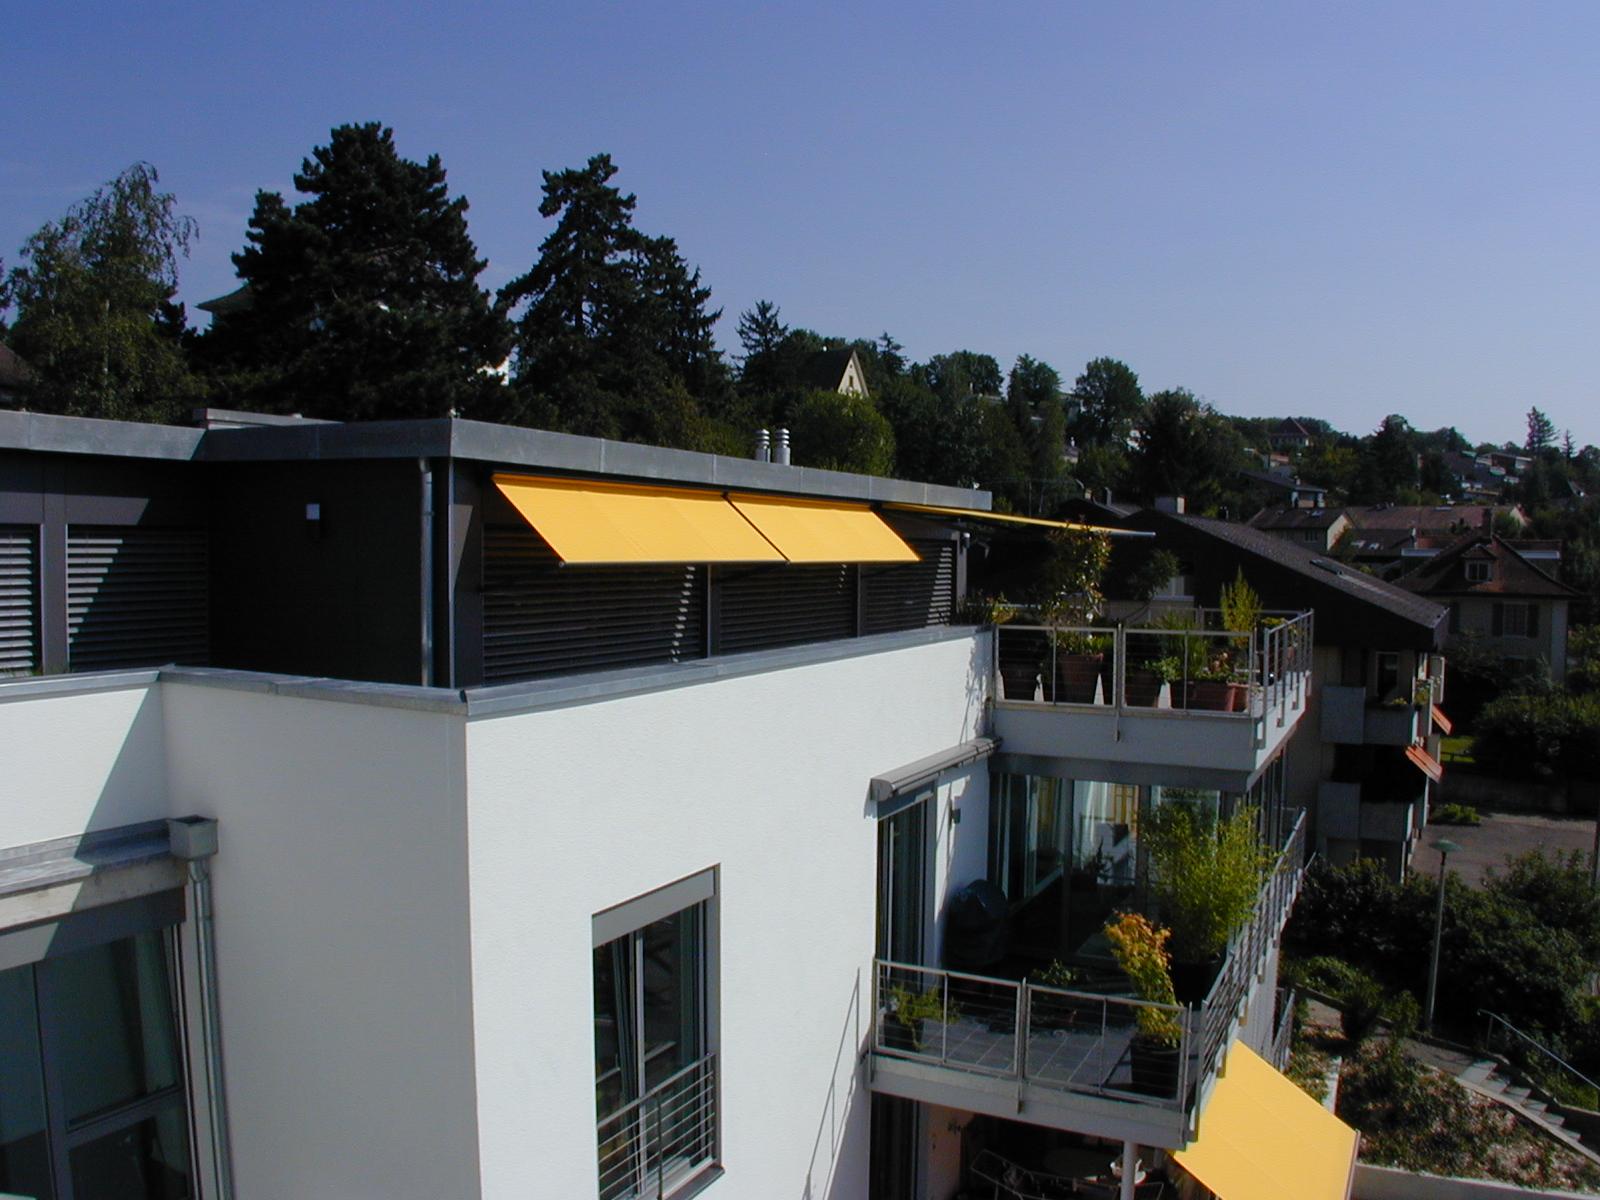 5-Parteien-MFH in Binningen (verkauft)